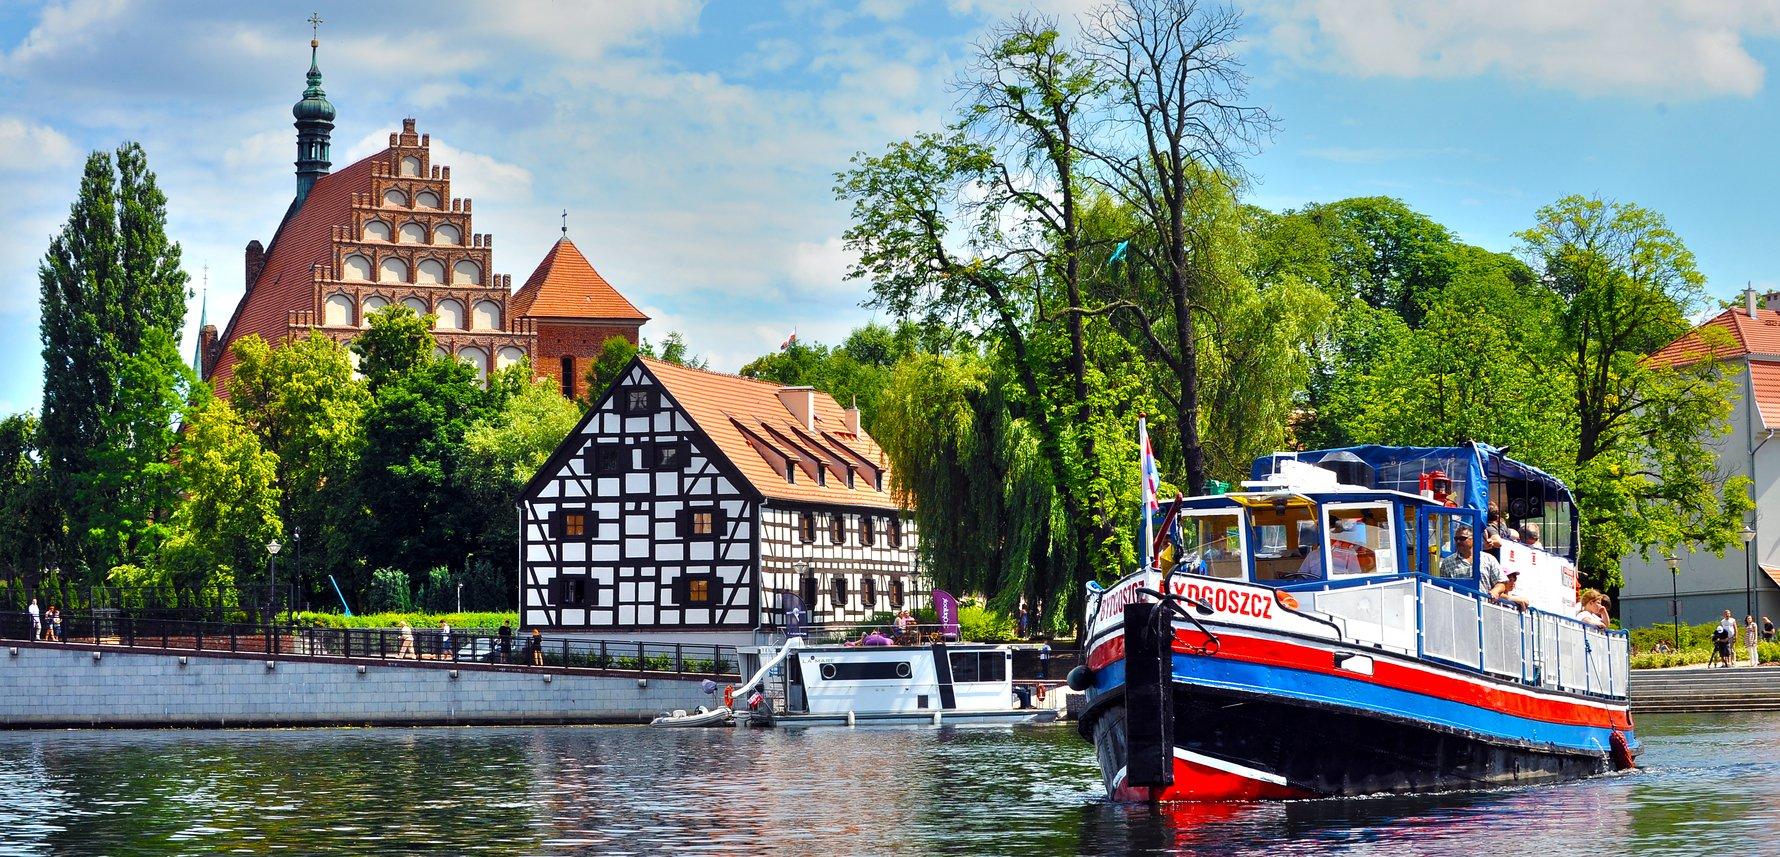 Brda River, Katedra, and Wyspa Młyńska in Bydgoszcz. Photo by Robert Sawicki